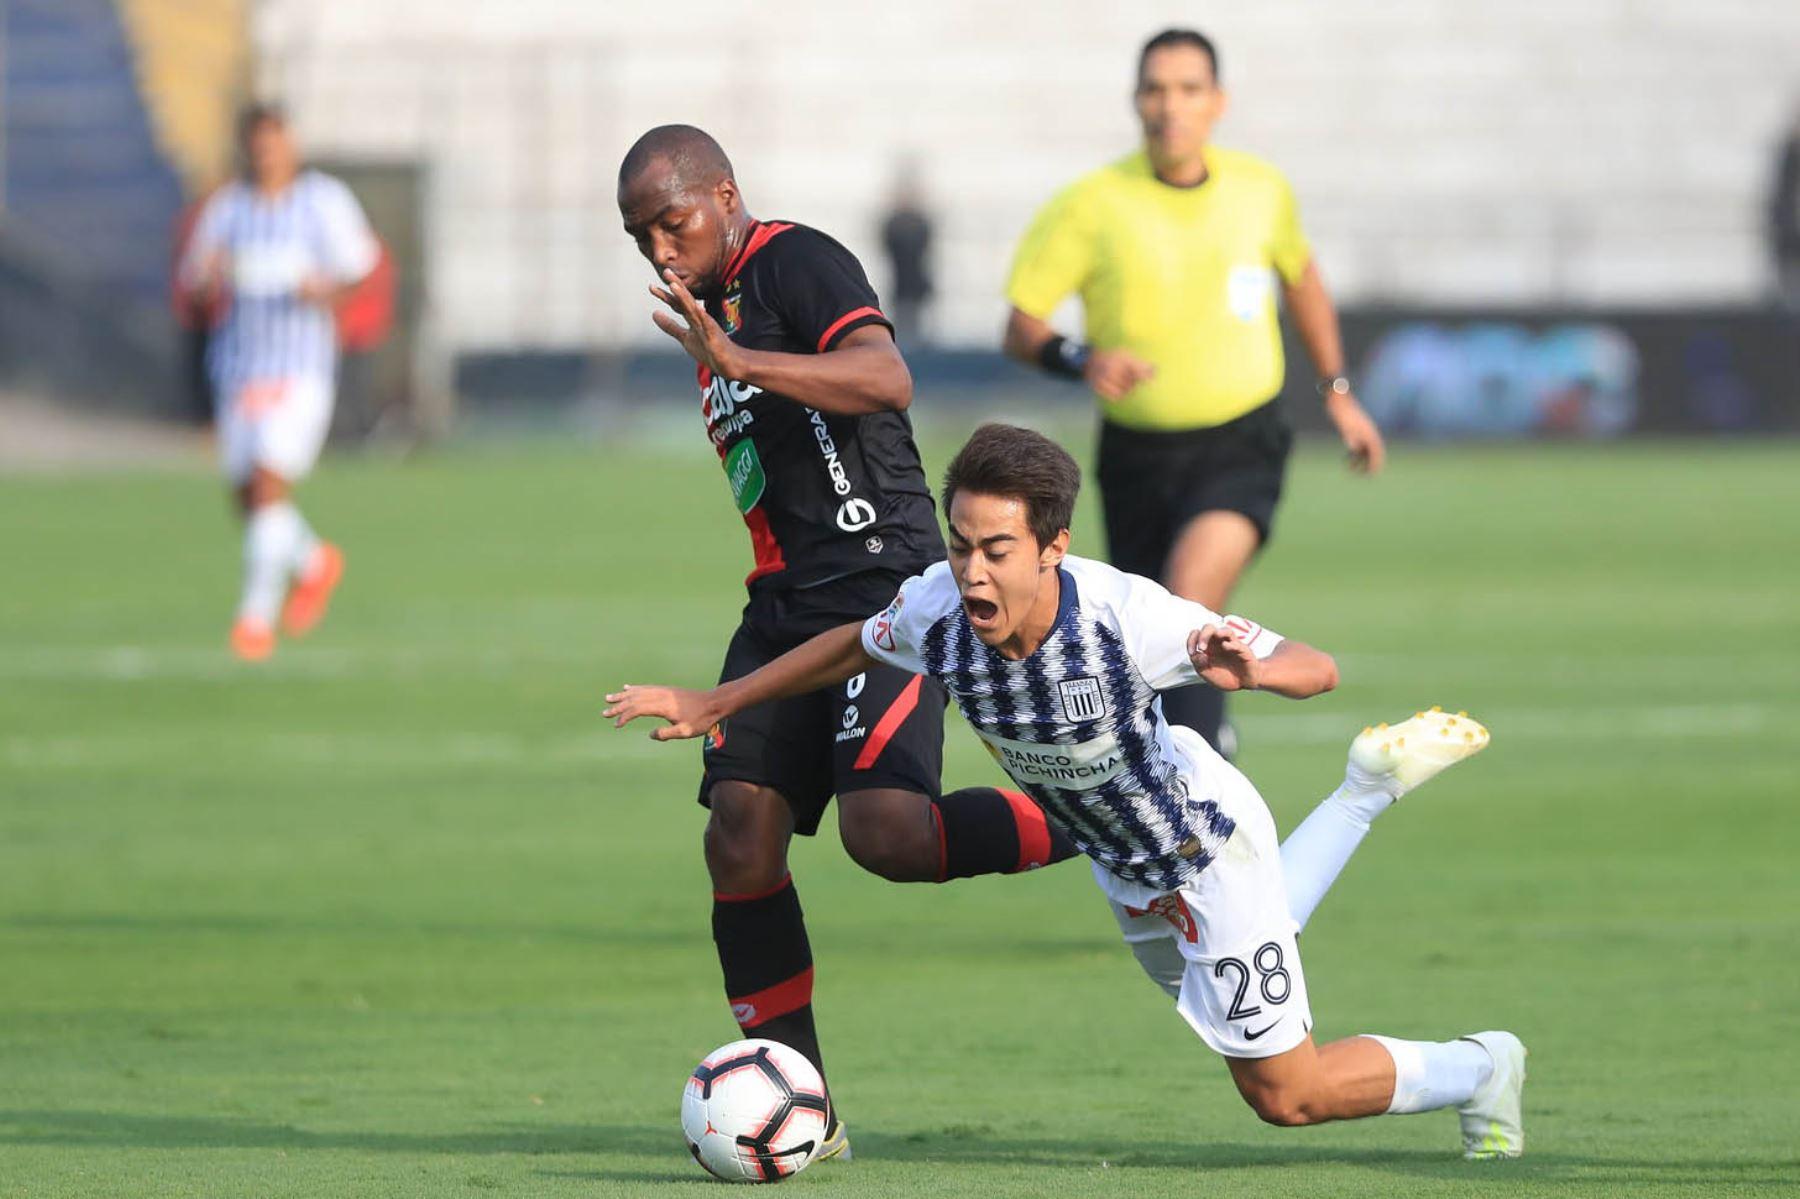 Mauricio Matzuda de Alianza Lima es derribado tras jugada fuerte de un jugador del Melgar. Foto: ANDINA/Juan Carlos Guzmán